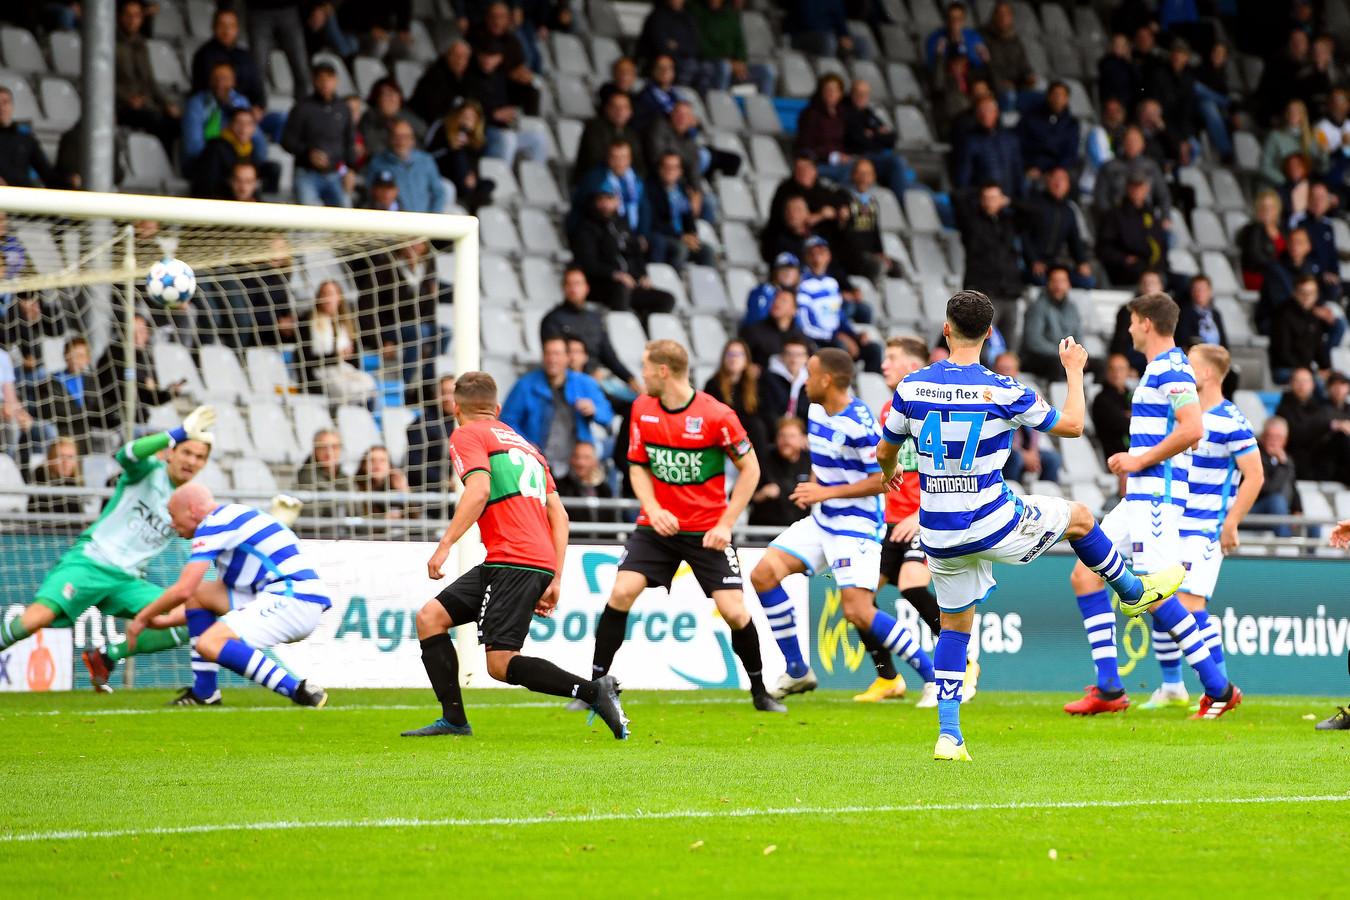 27 september 2020: de laatste keer dat De Graafschap voor publiek speelde op De Vijverberg. De Doetinchemmers wonnen met 2-0 van NEC.